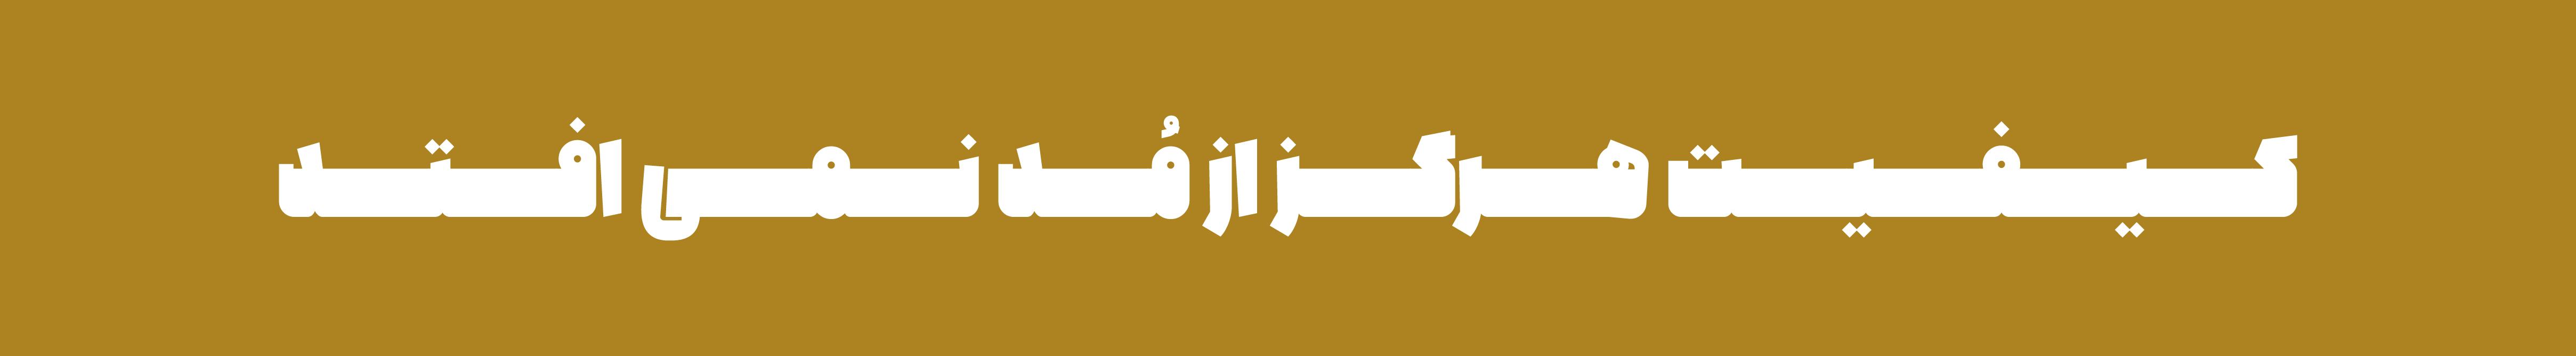 Alef-baner